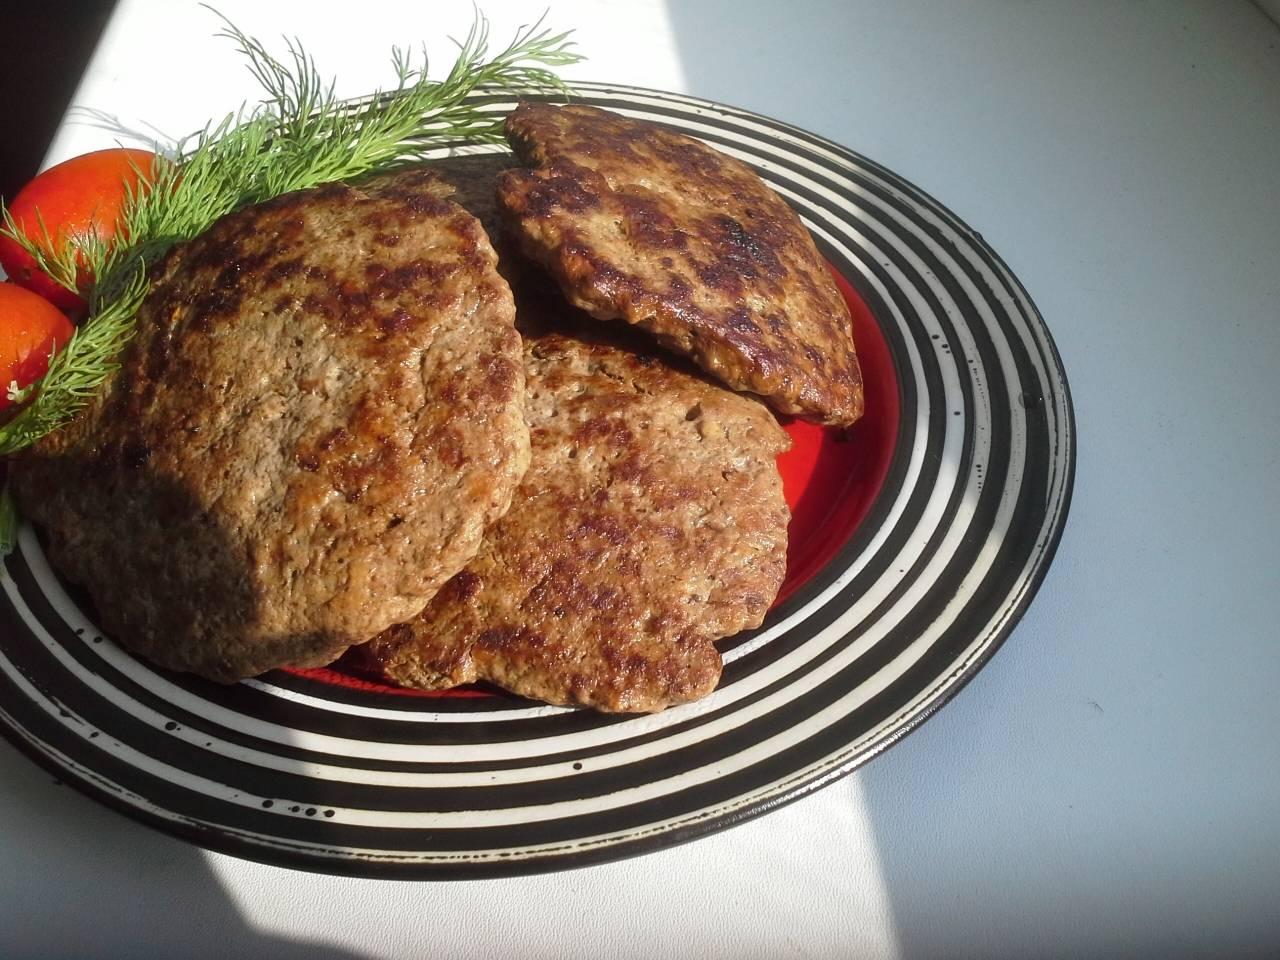 Лучшие рецепты вкусных печеночных оладий в духовке. как приготовить печеночные оладьи для детей, как в детском саду, диетические, по-дюкану?